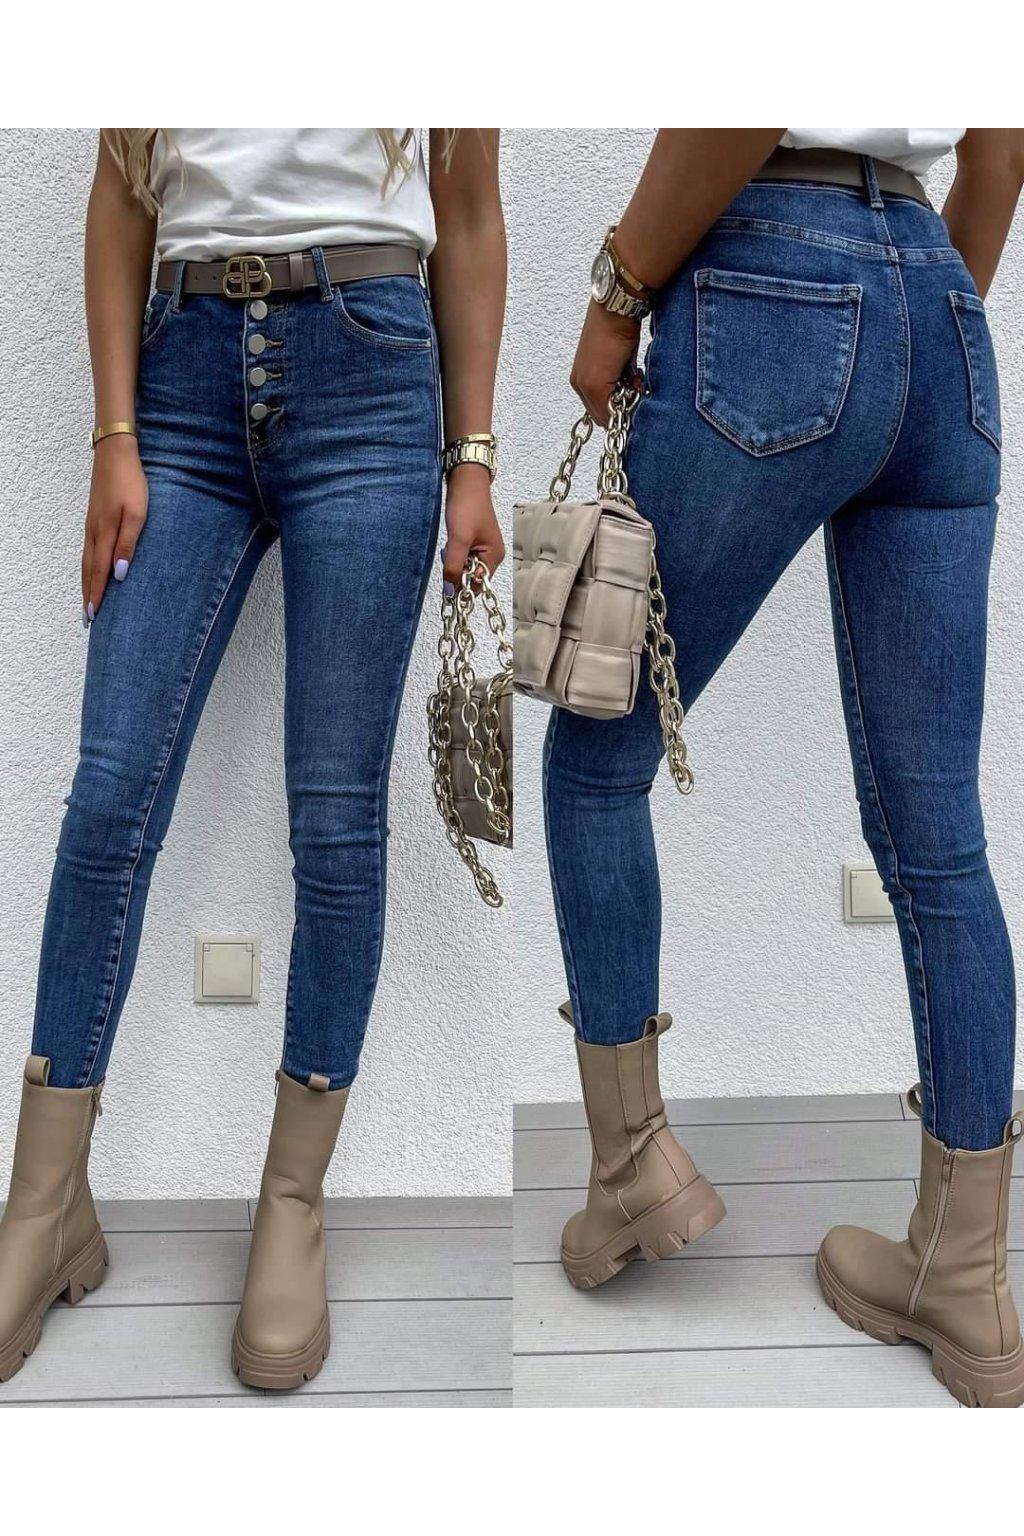 dámské jeans s knoflíčky tmavě modré trendy